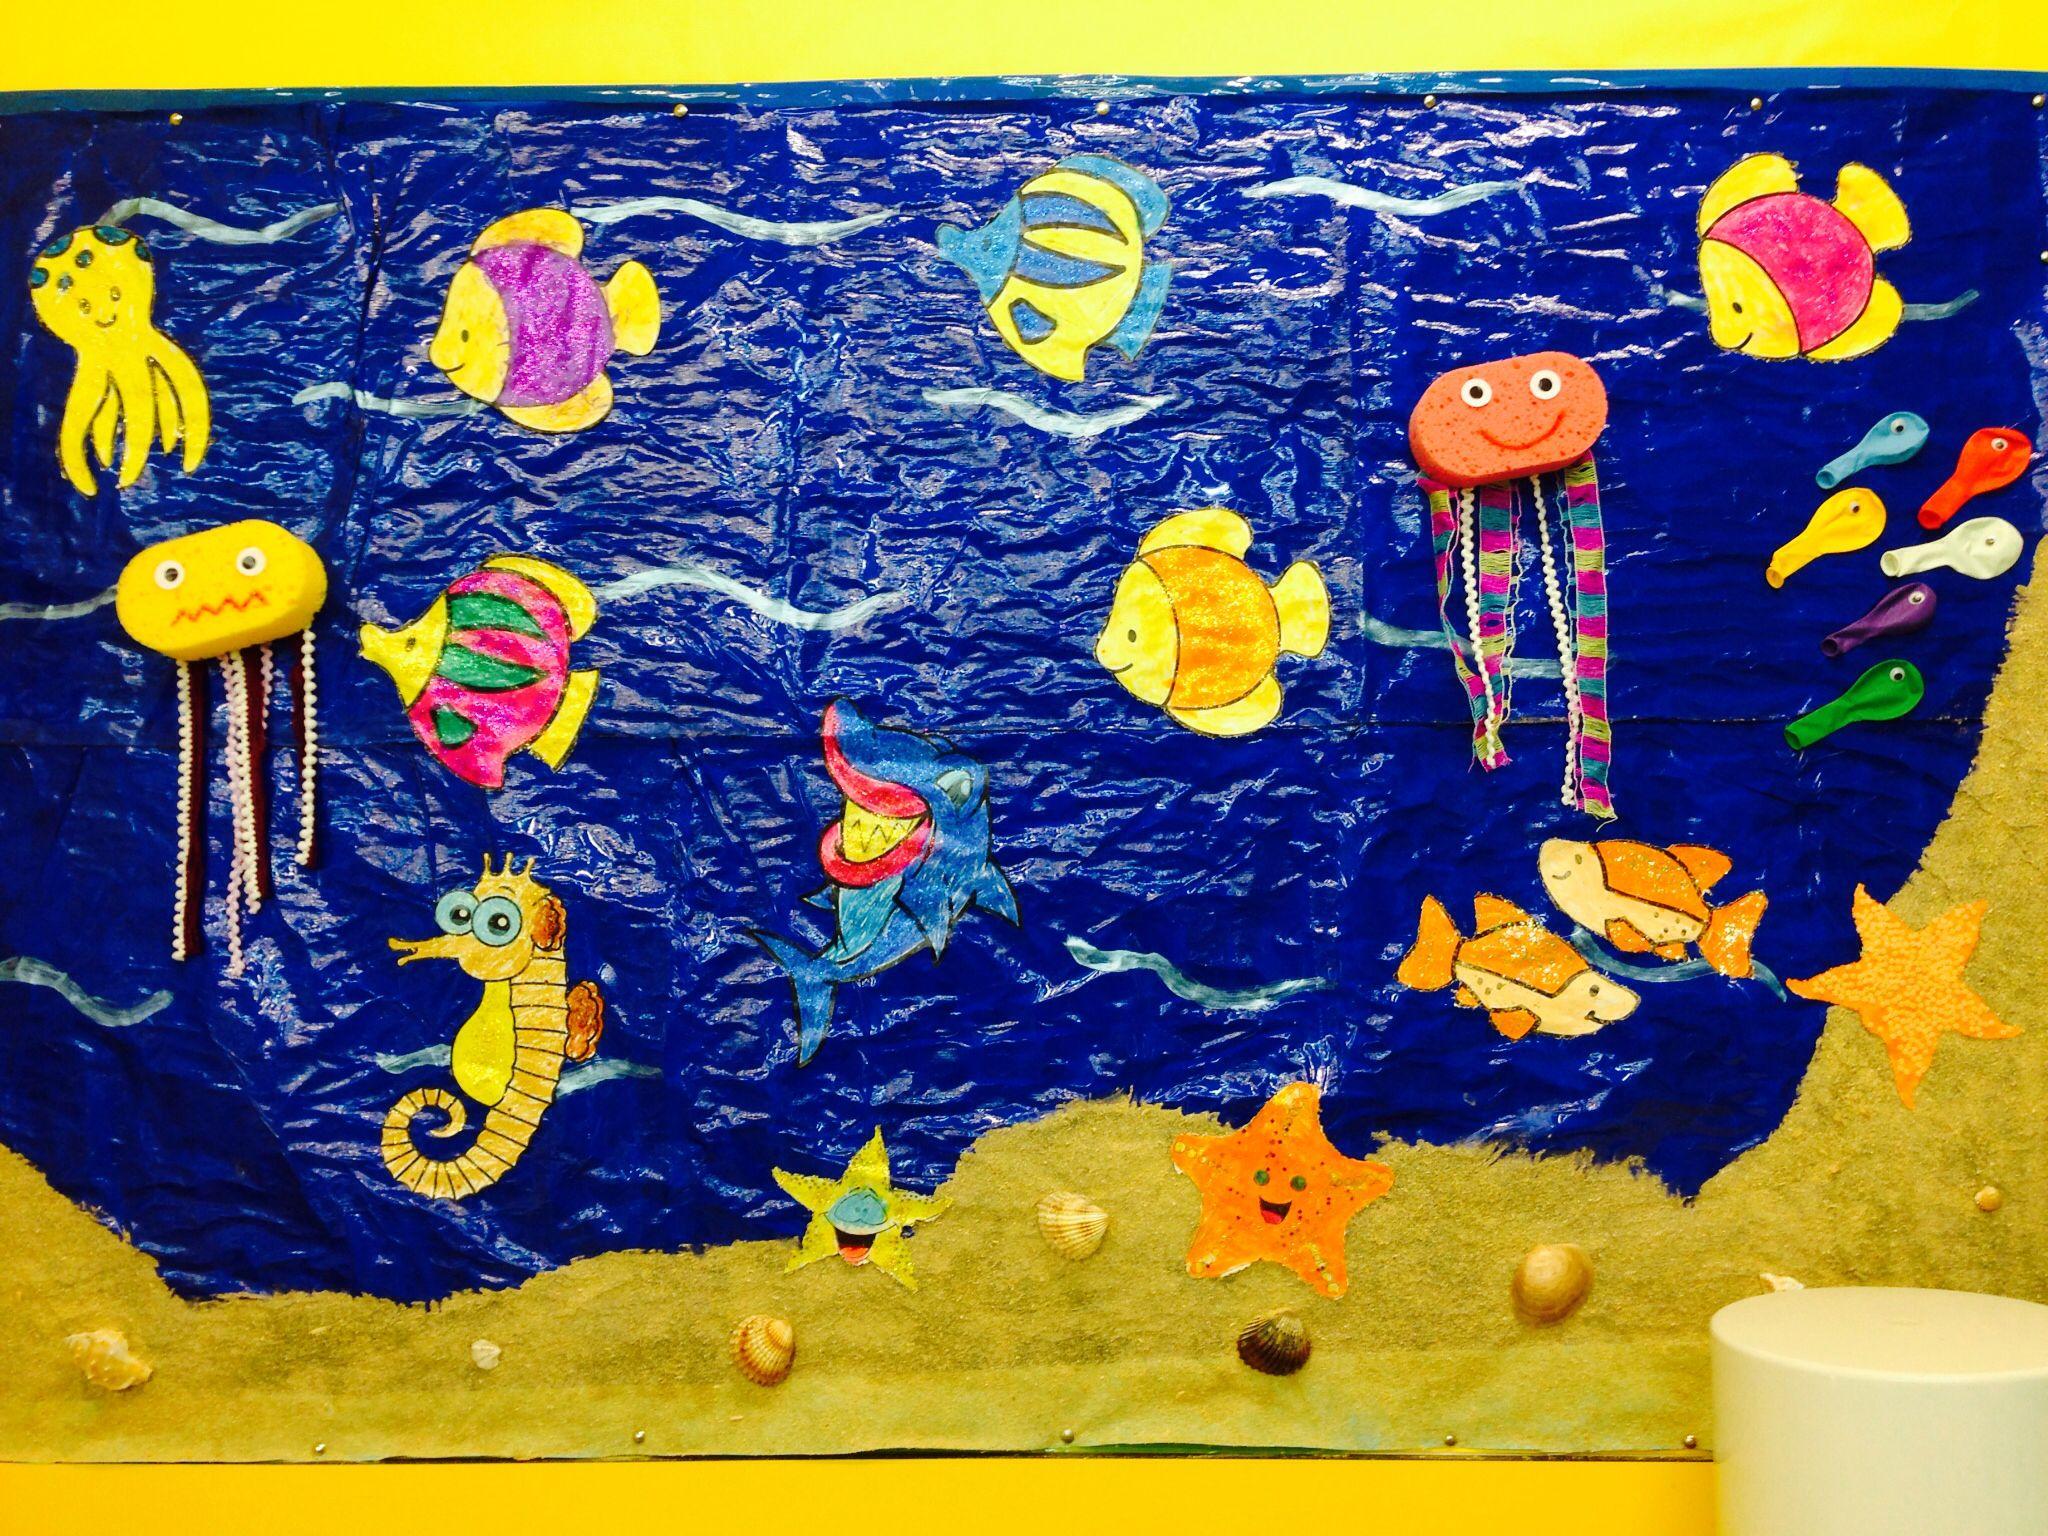 Fondo del mar con serrin papel celofan azul y peces - Ninos en clase dibujo ...